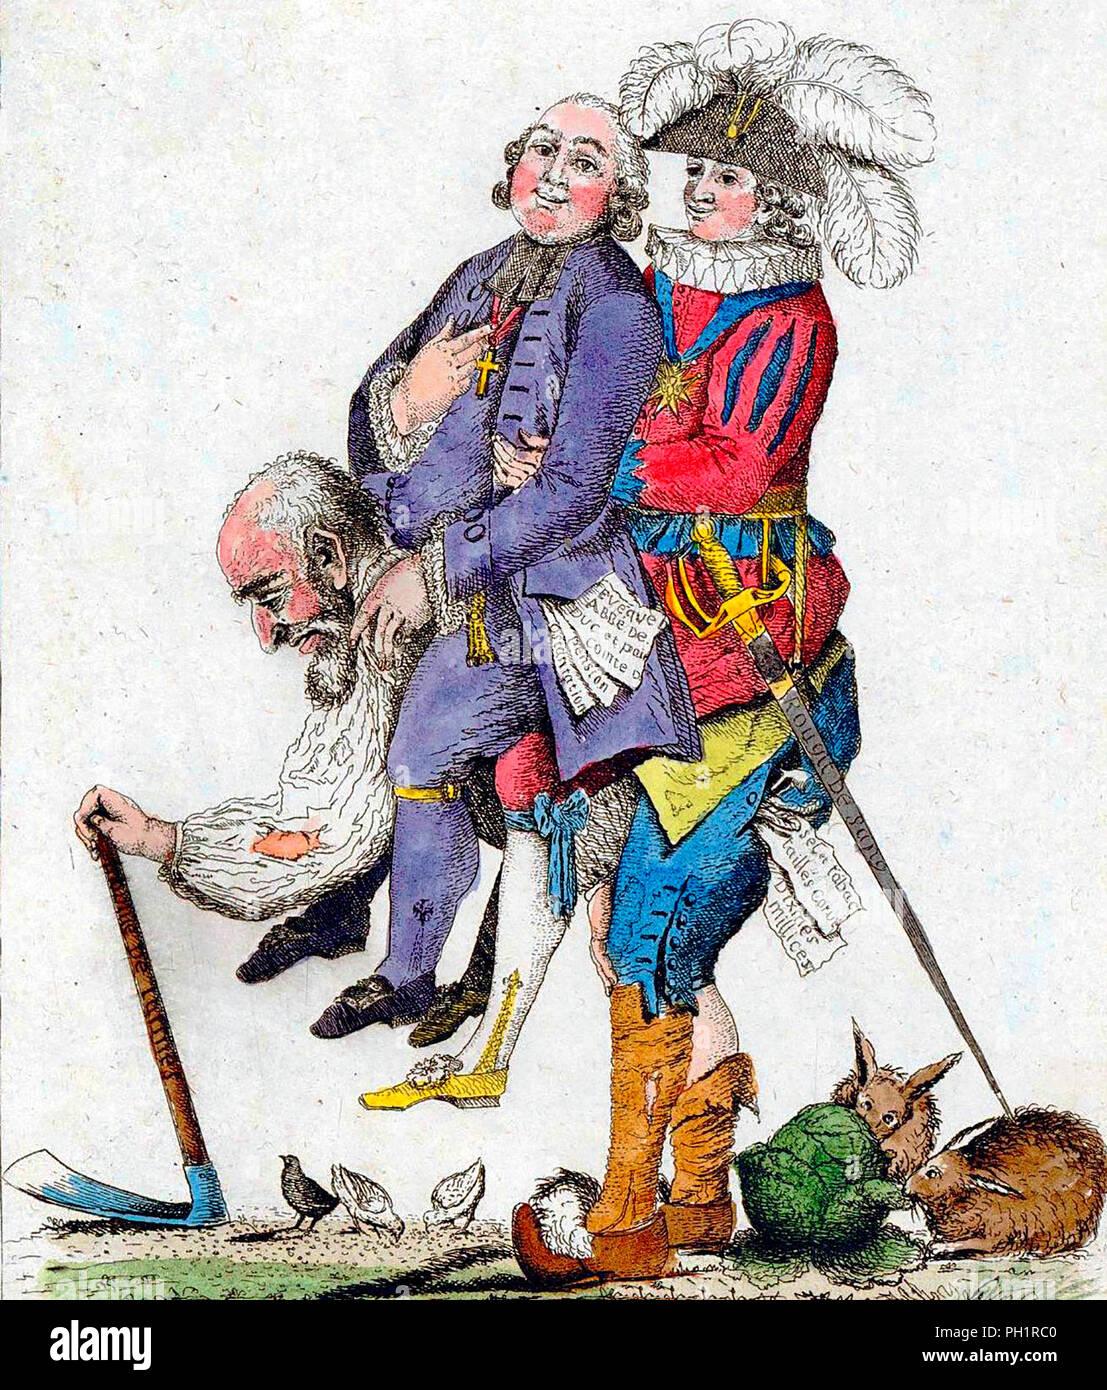 """""""Si deve sperare che questo gioco sarà più presto.' la terza estate che porta il clero e la nobiltà sulla sua schiena. Francia, 1789 Immagini Stock"""